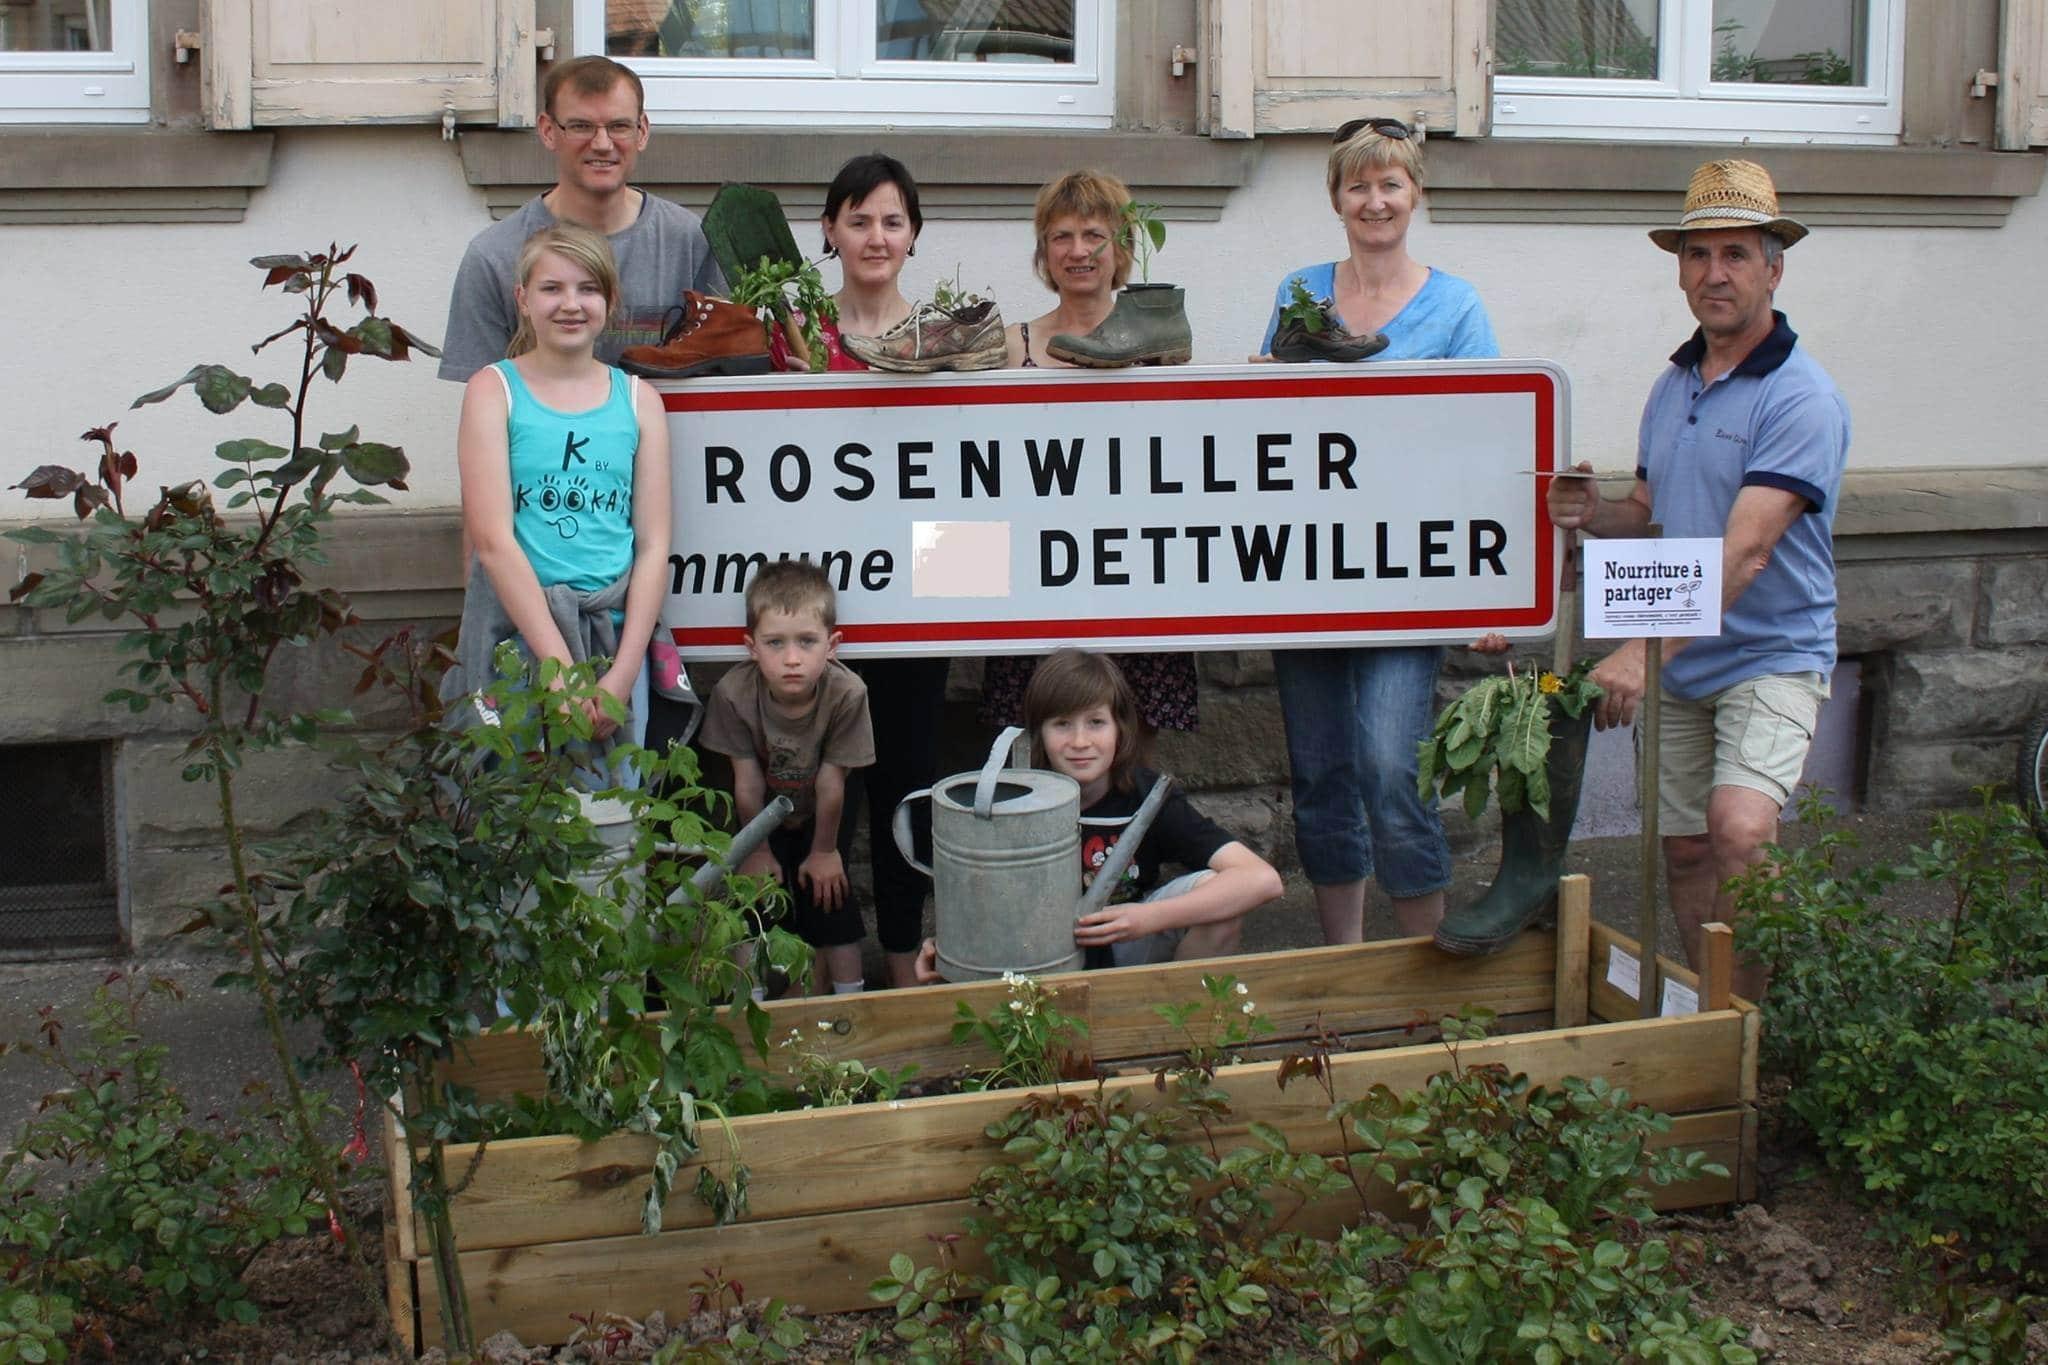 ROSENWILLER